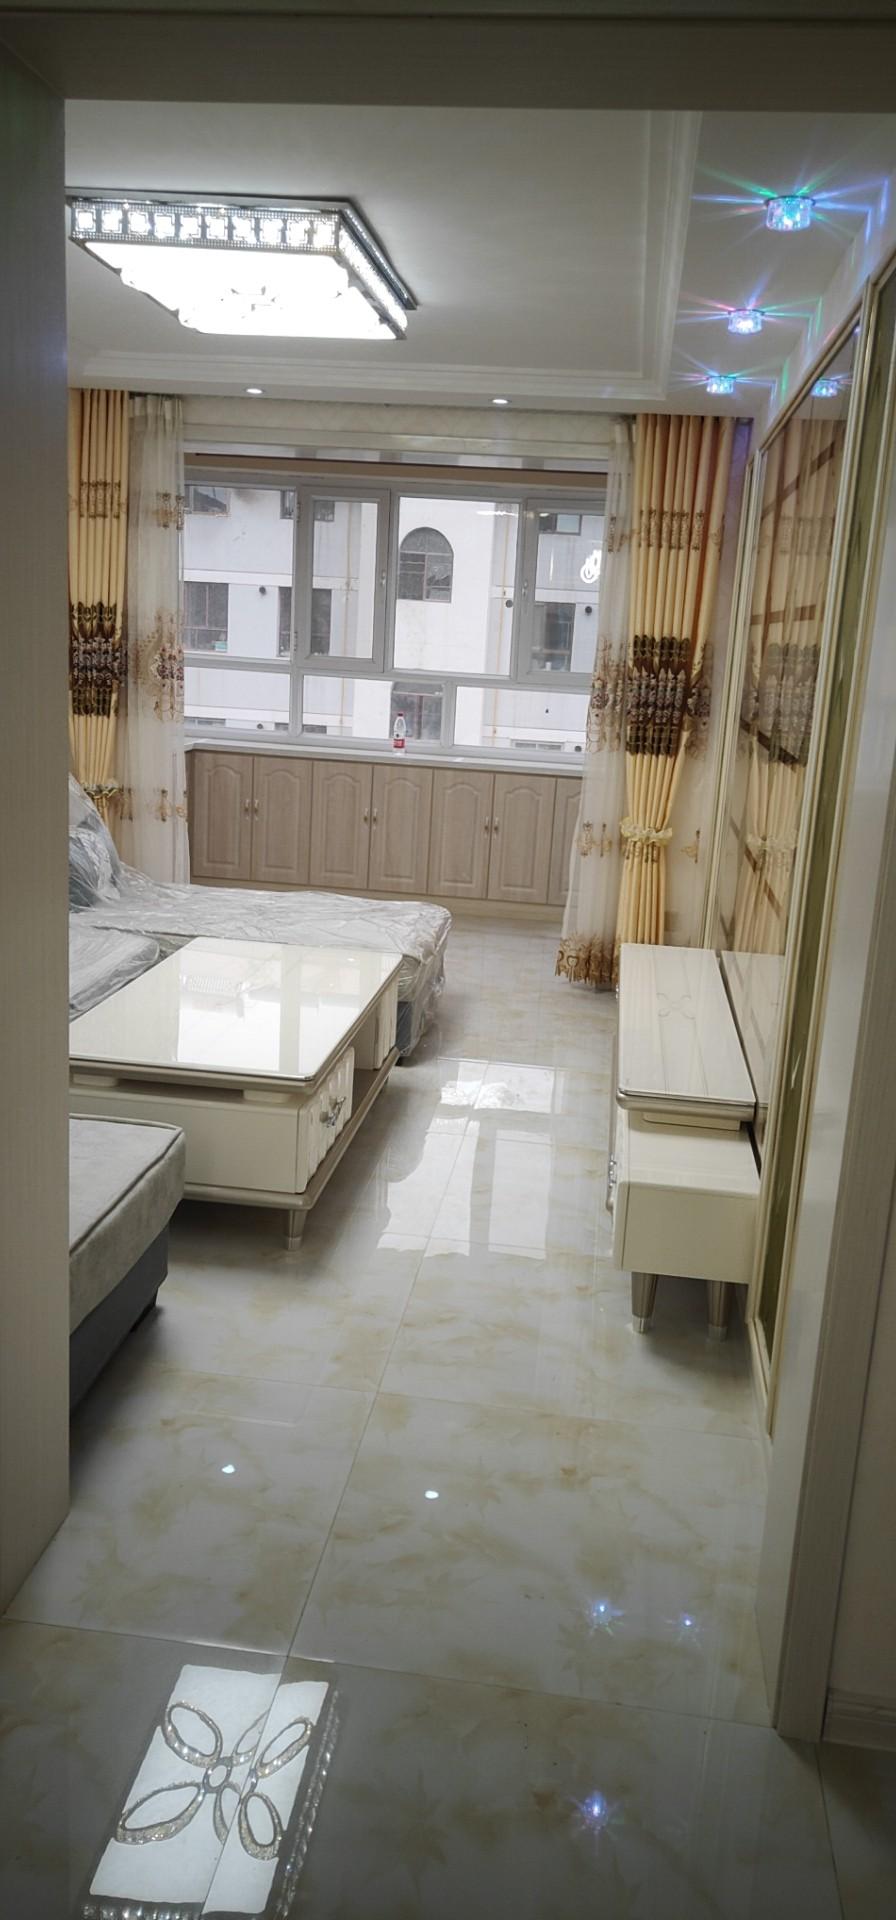 南苑小區(南苑路)2室 2廳 1衛38.8萬元